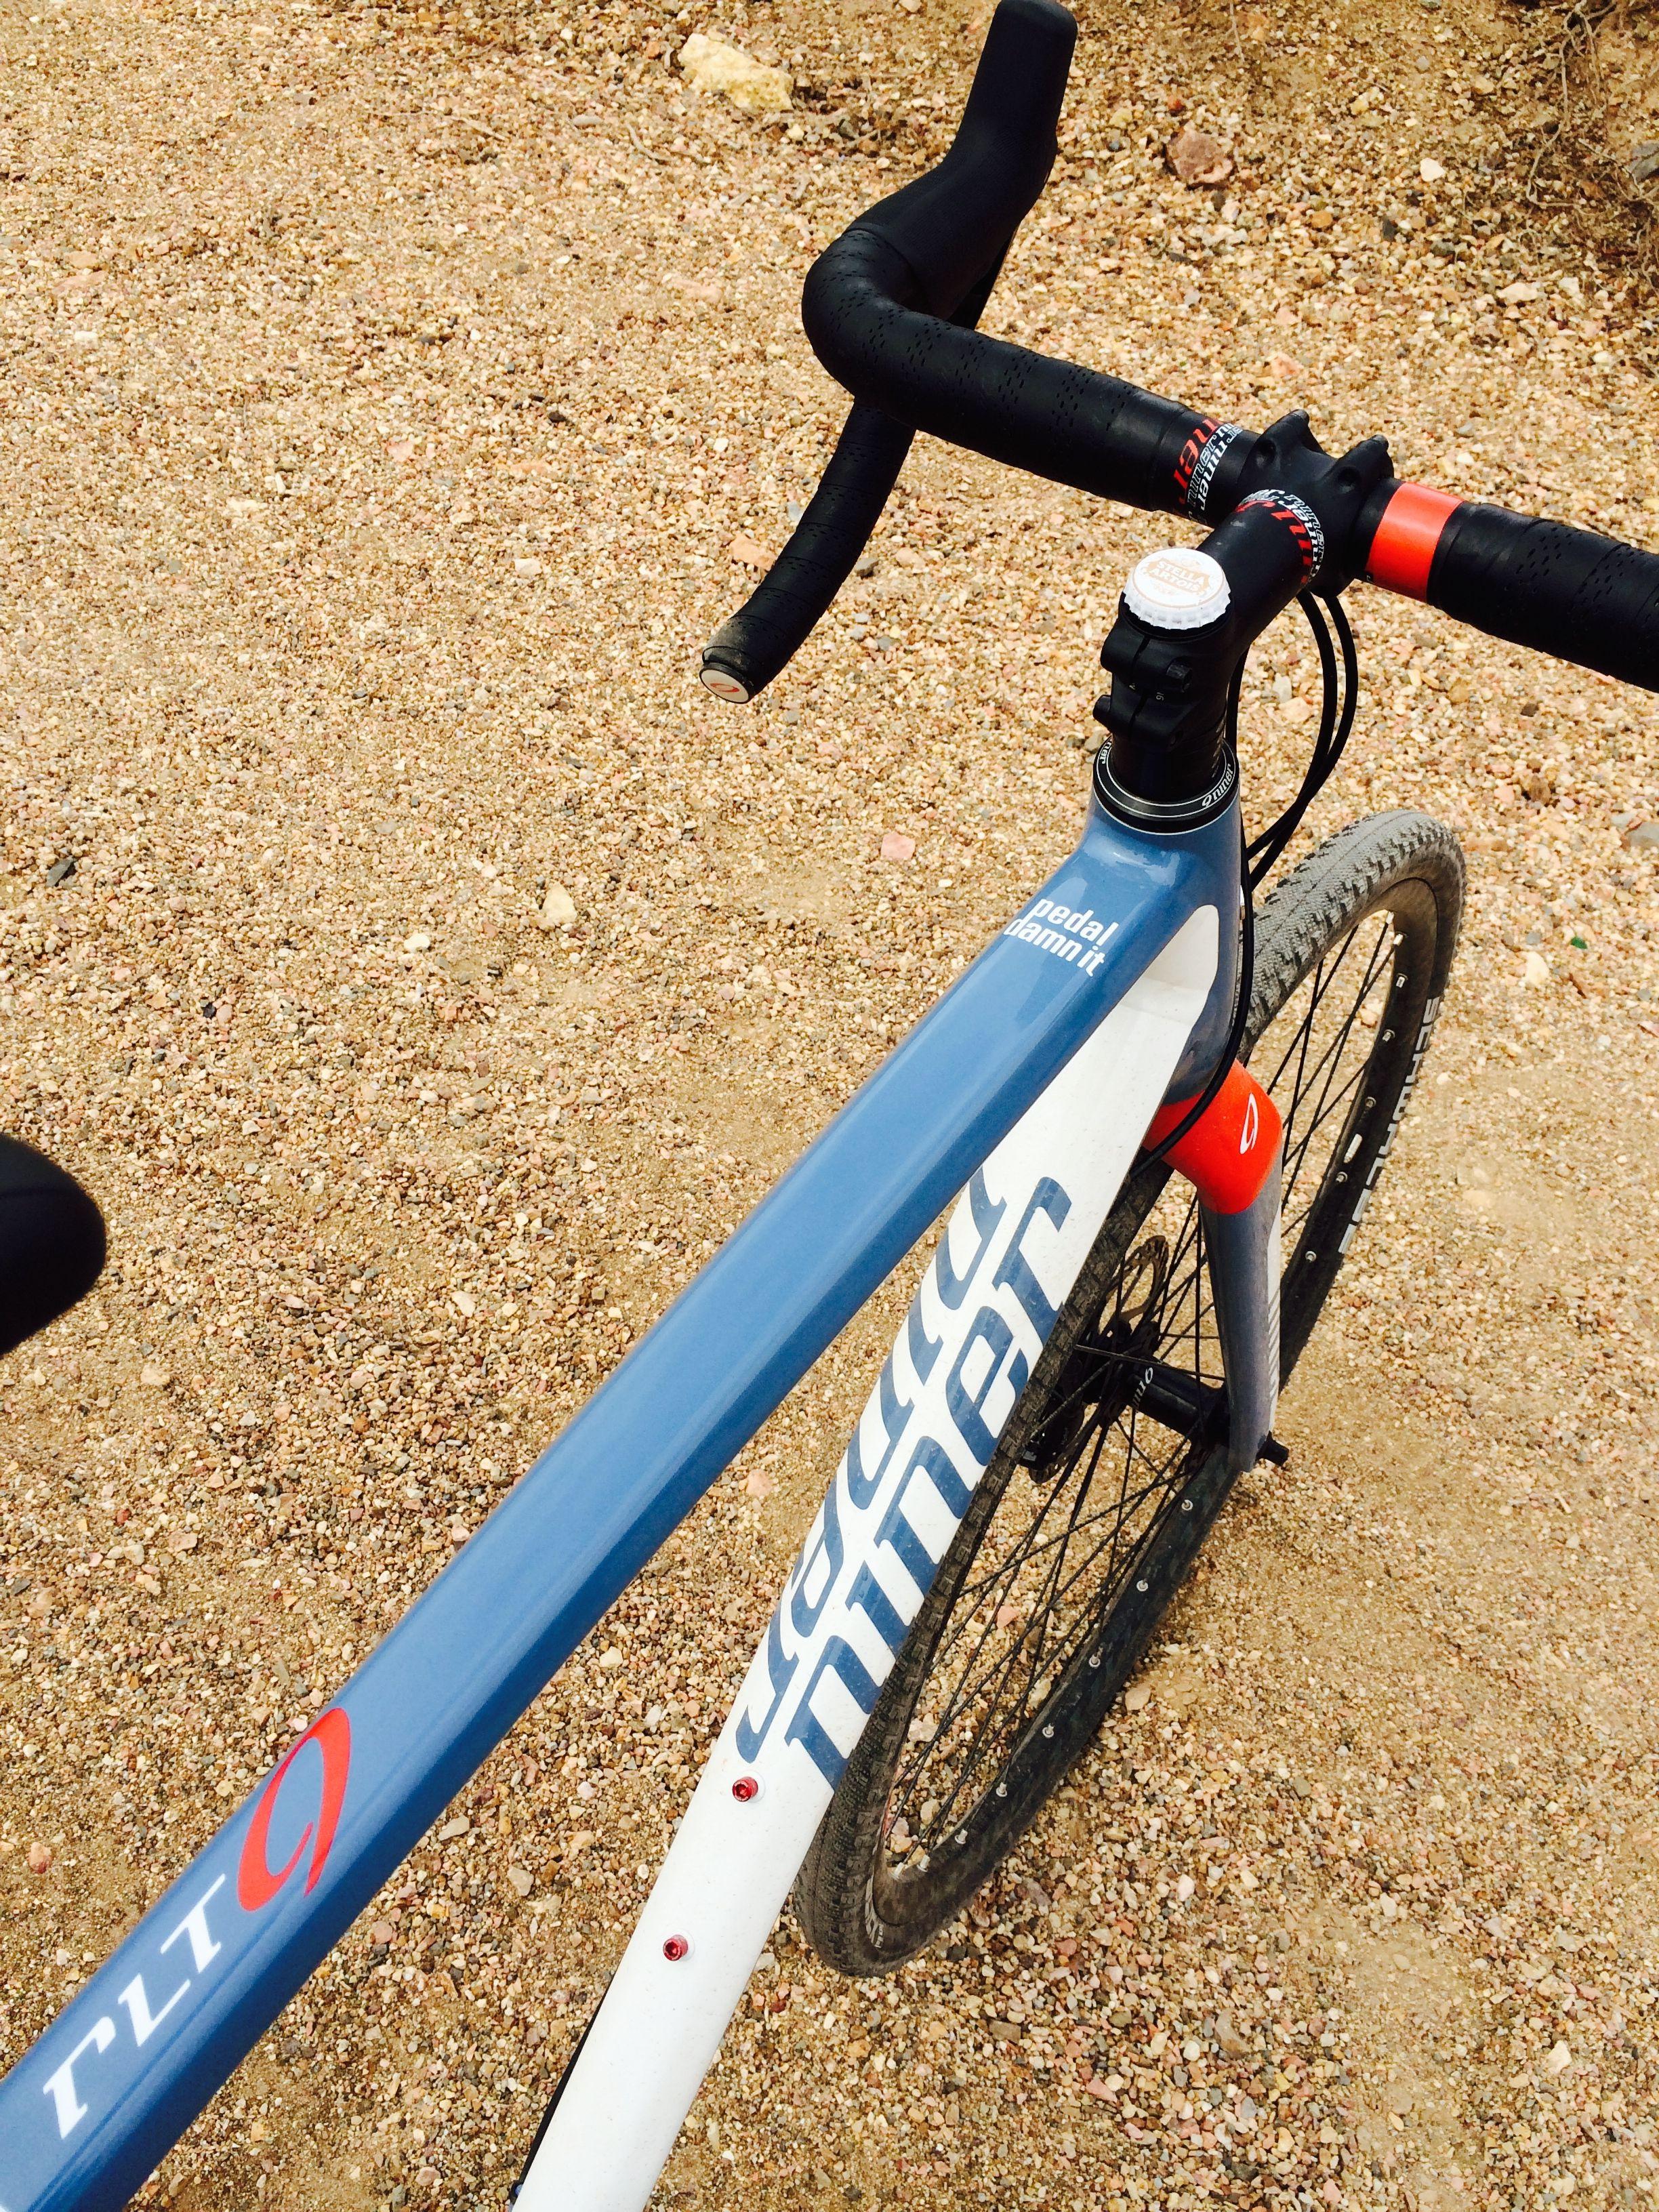 Niner Rlt 9 Gravel Bike Commuter Bike Adventure Bike